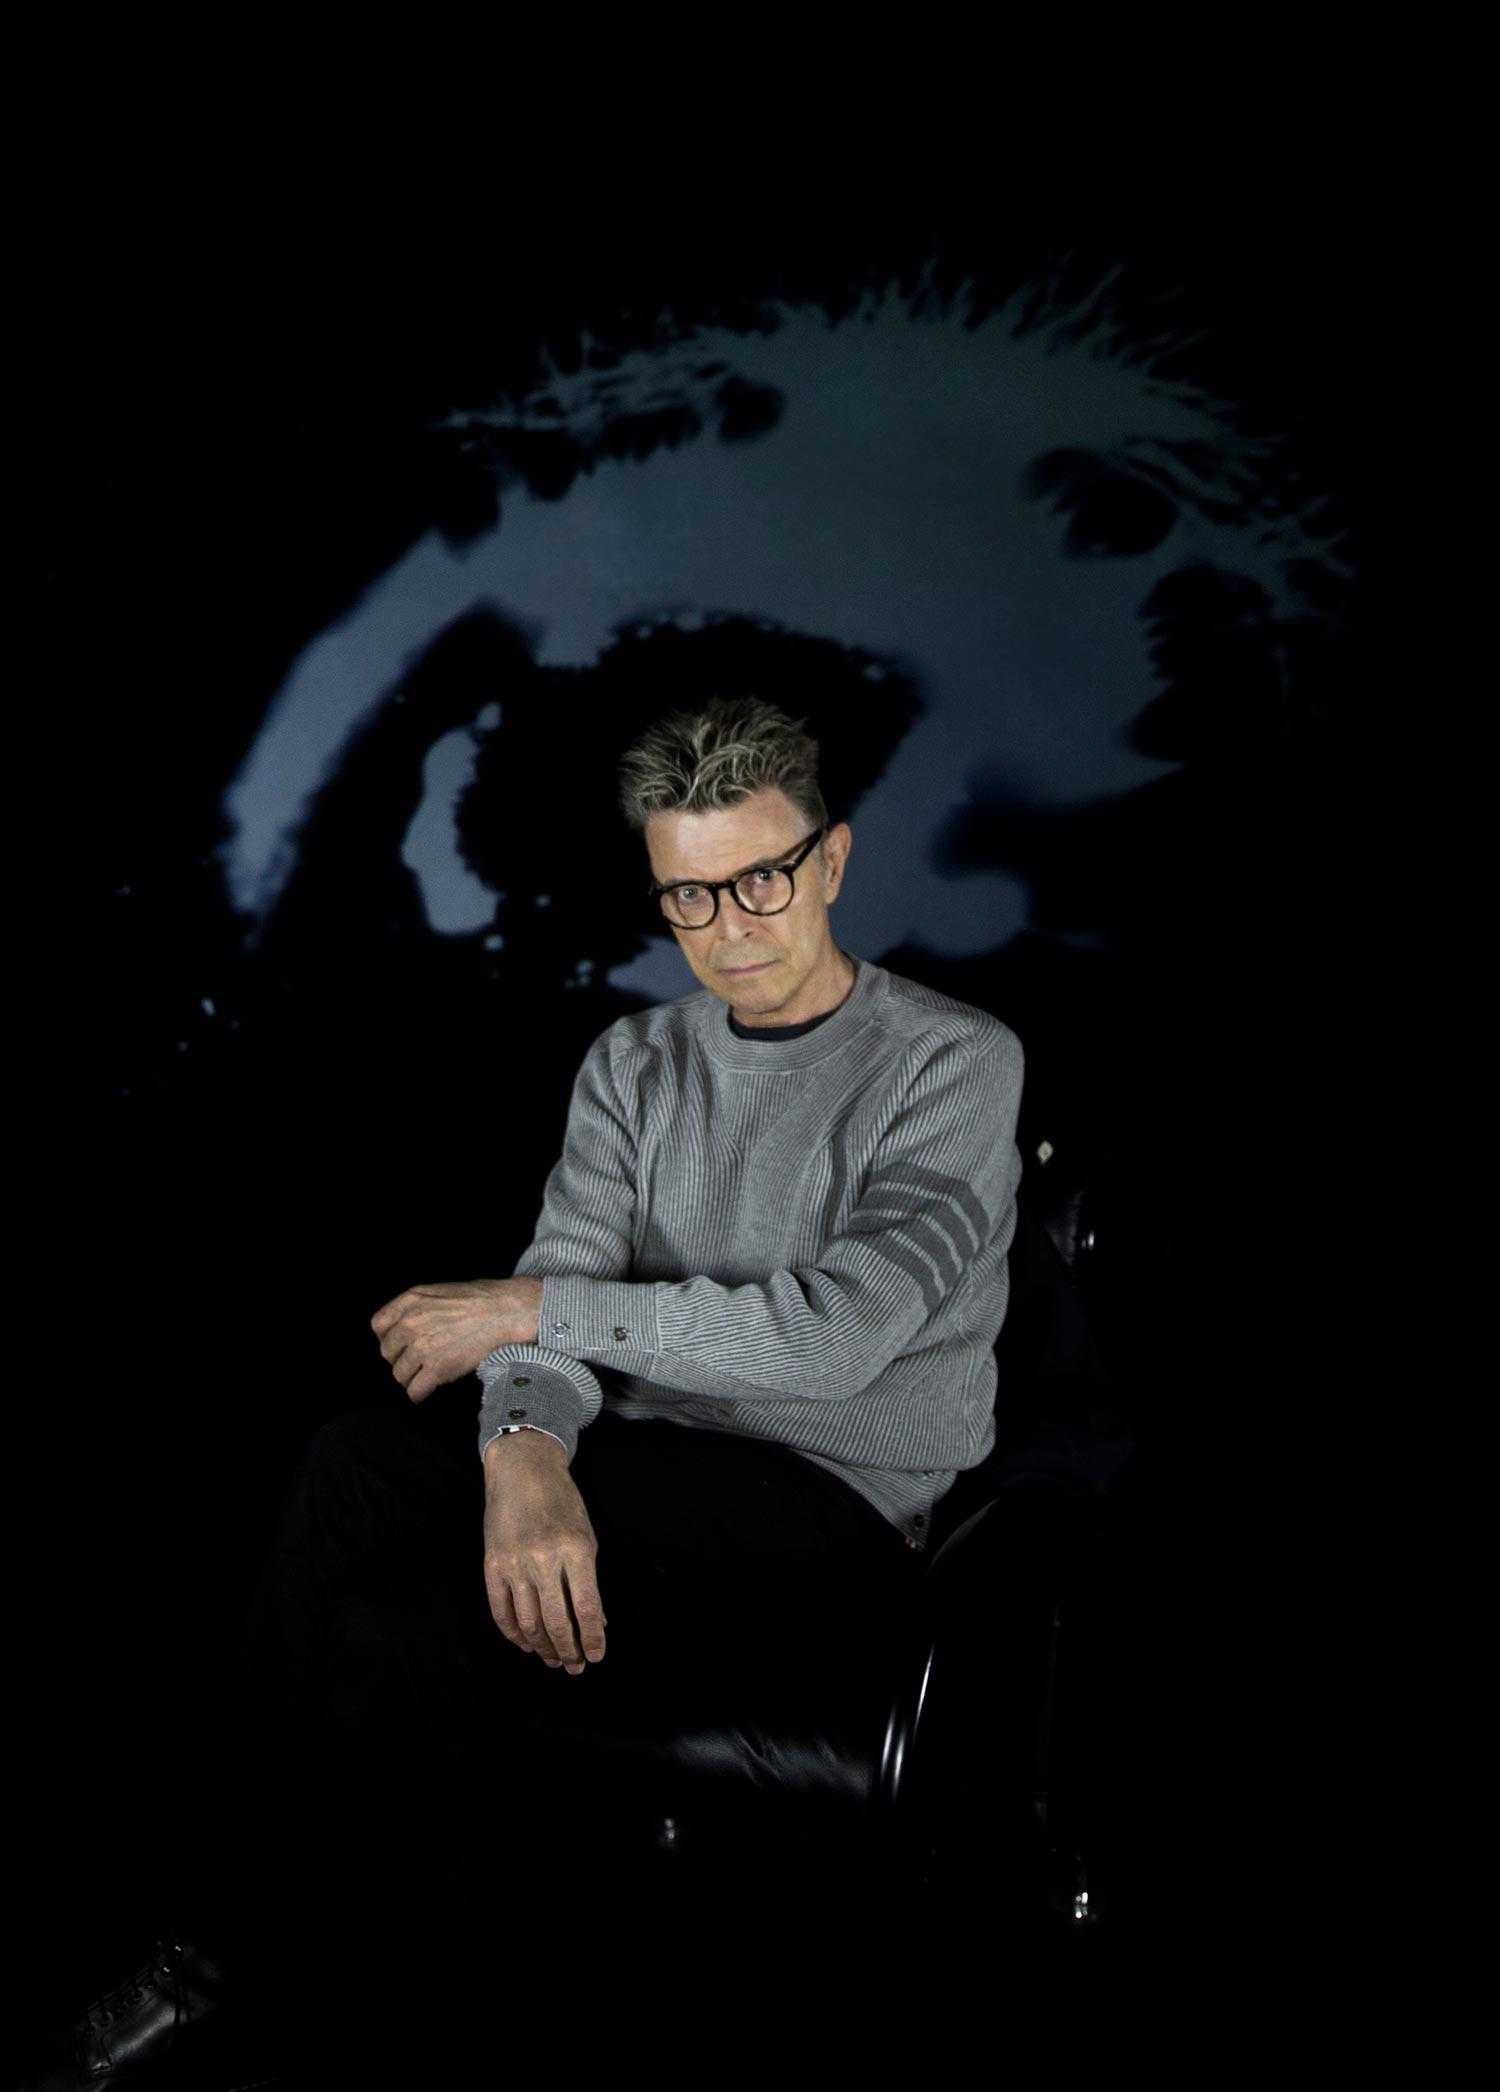 Imagen de David Bowie músico del género Rock activo en Los 60s